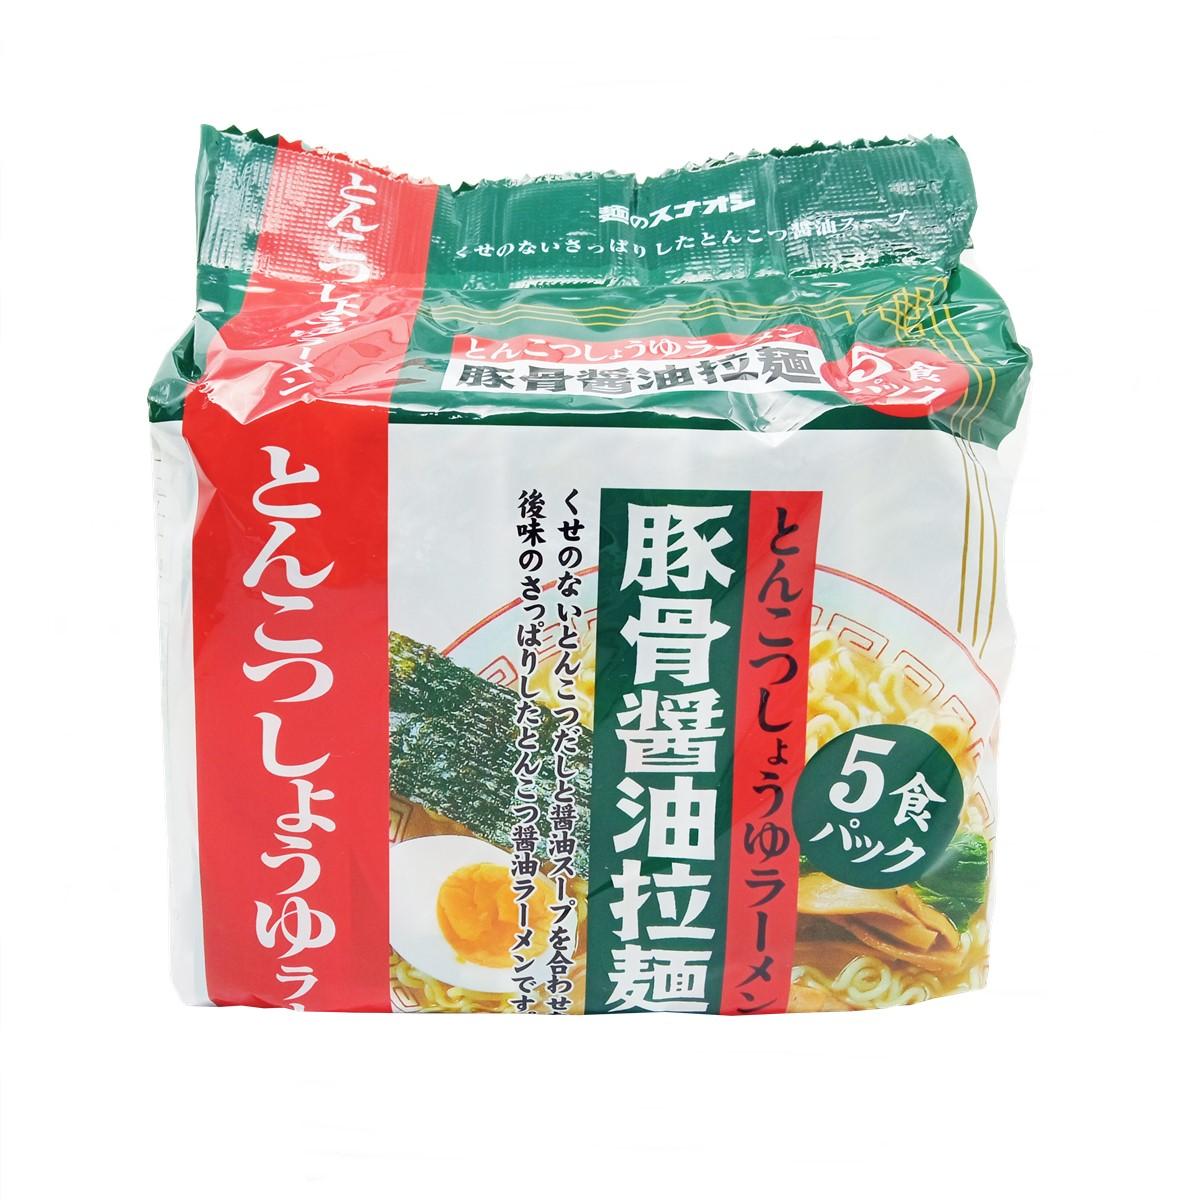 Macarrão Lamen Tonkotsu Shoyu com 5 Pacotes - Sunaoshi